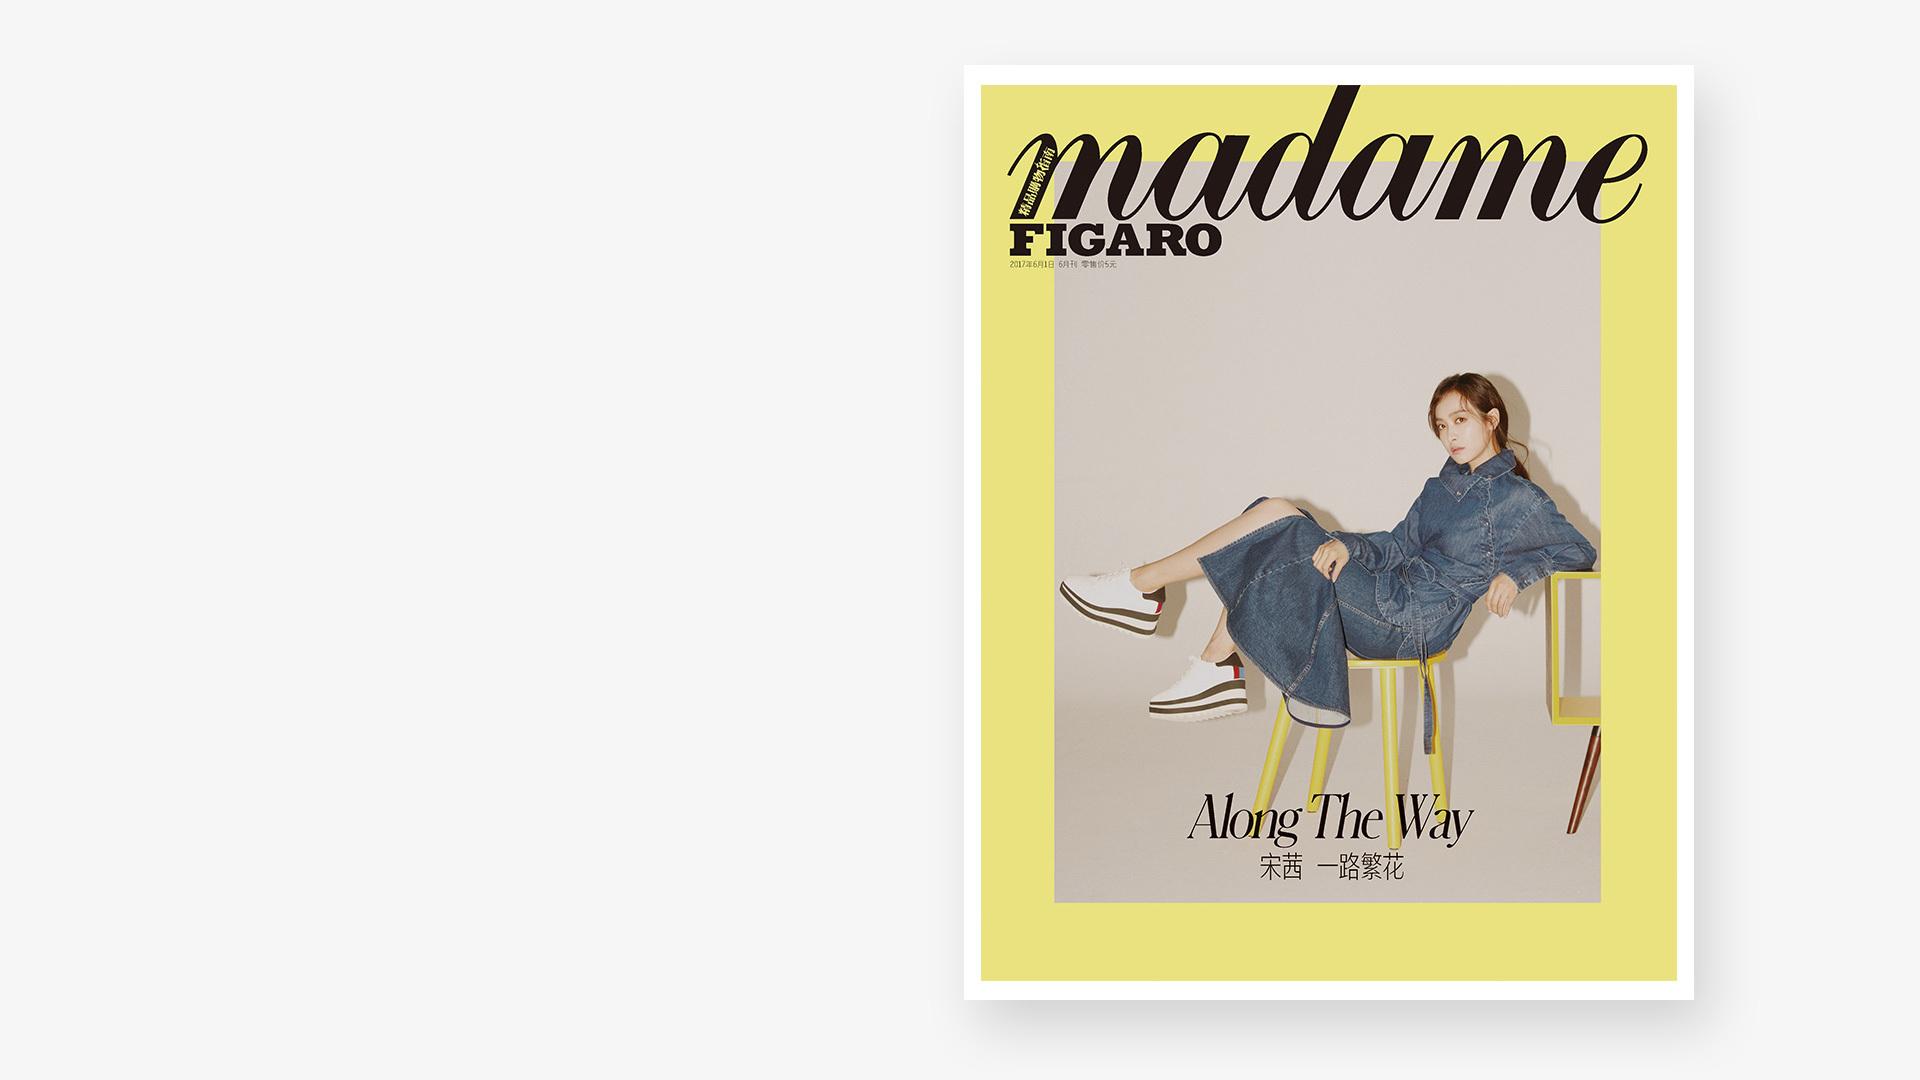 法国最畅销女性杂志<br/>携手造作打造封面大片